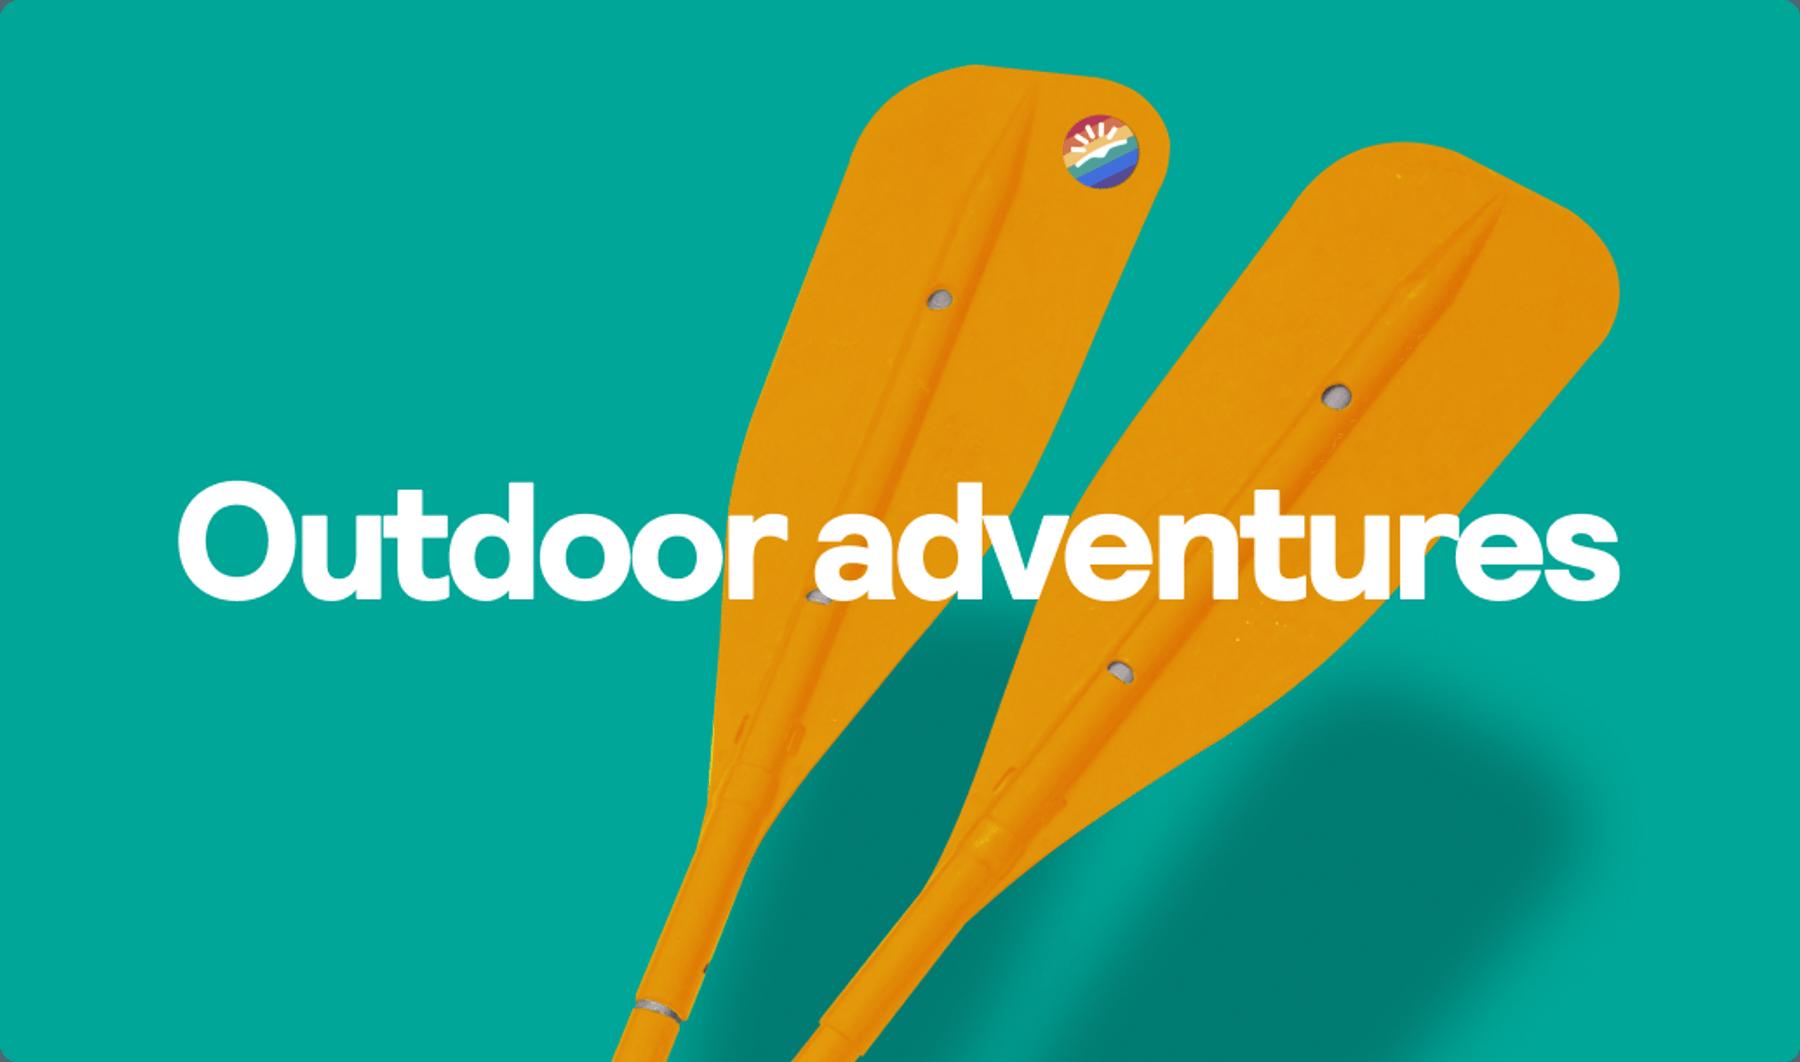 Outdoor adventures graphic